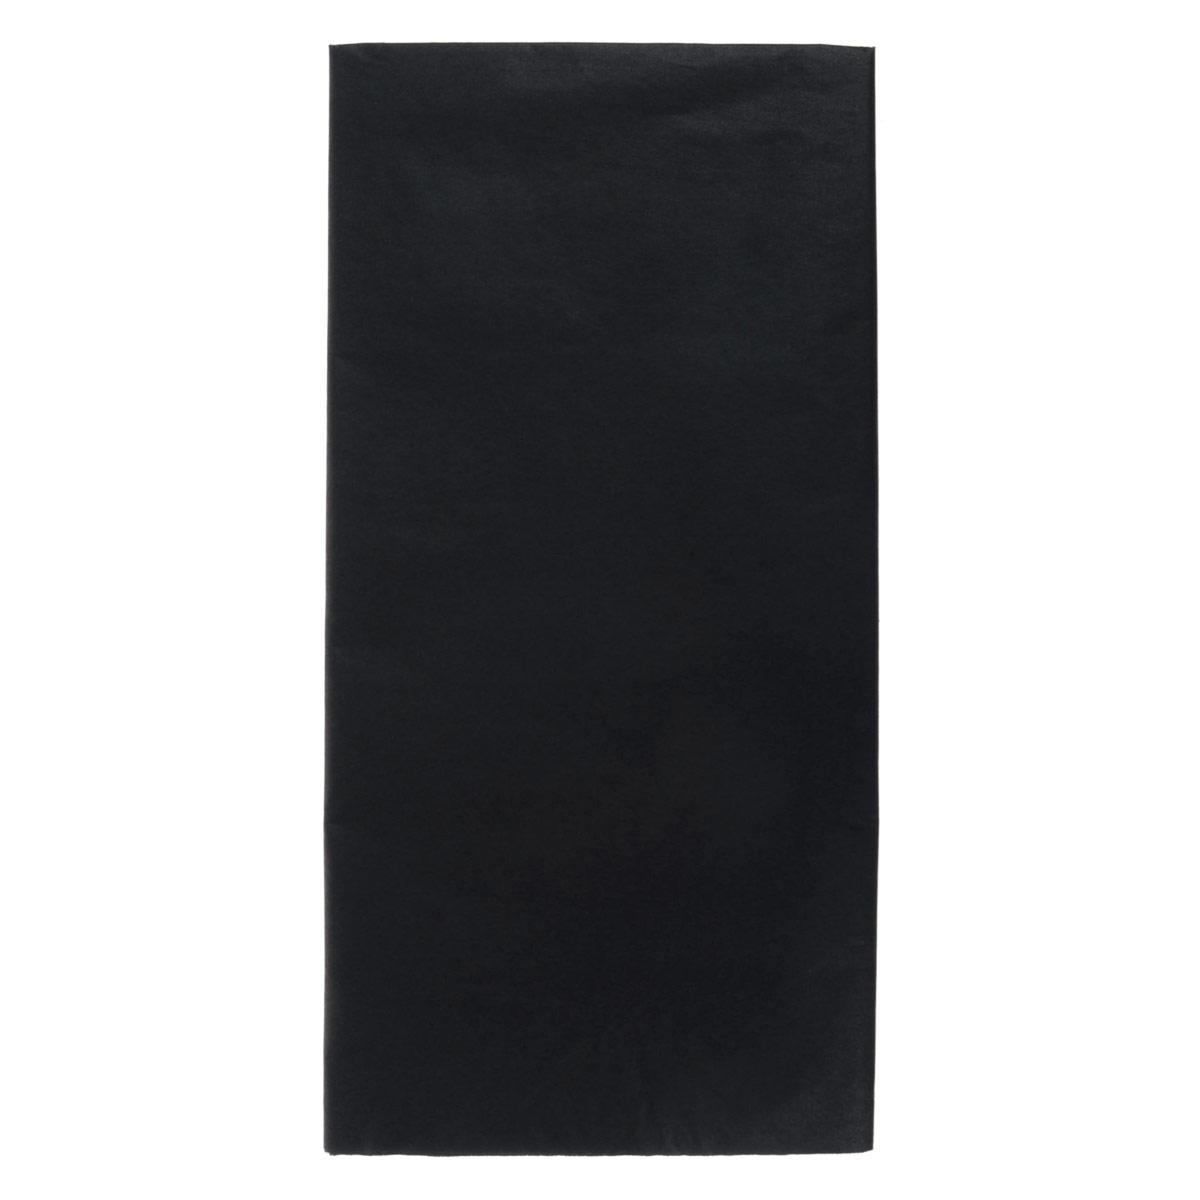 Бумага папиросная Folia, цвет: черный (90), 50 см х 70 см, 5 листов. 7708123_907708123_90Бумага папиросная Folia - это великолепная тонкая и эластичная декоративная бумага. Такая бумага очень хороша для изготовления своими руками цветов и букетов с конфетами, топиариев, декорирования праздничных мероприятий. Также из нее получается шикарная упаковка для подарков. Интересный эффект дает сочетание мягкой полупрозрачной фактуры папиросной бумаги с жатыми и матовыми фактурами: креп-бумагой, тутовой и различными видами картона. Бумага очень тонкая, полупрозрачная - поэтому ее можно оригинально использовать в декоре стекла, светильников и гирлянд. Достаточно большие размеры листа и богатая цветовая палитра дают простор вашей творческой фантазии.